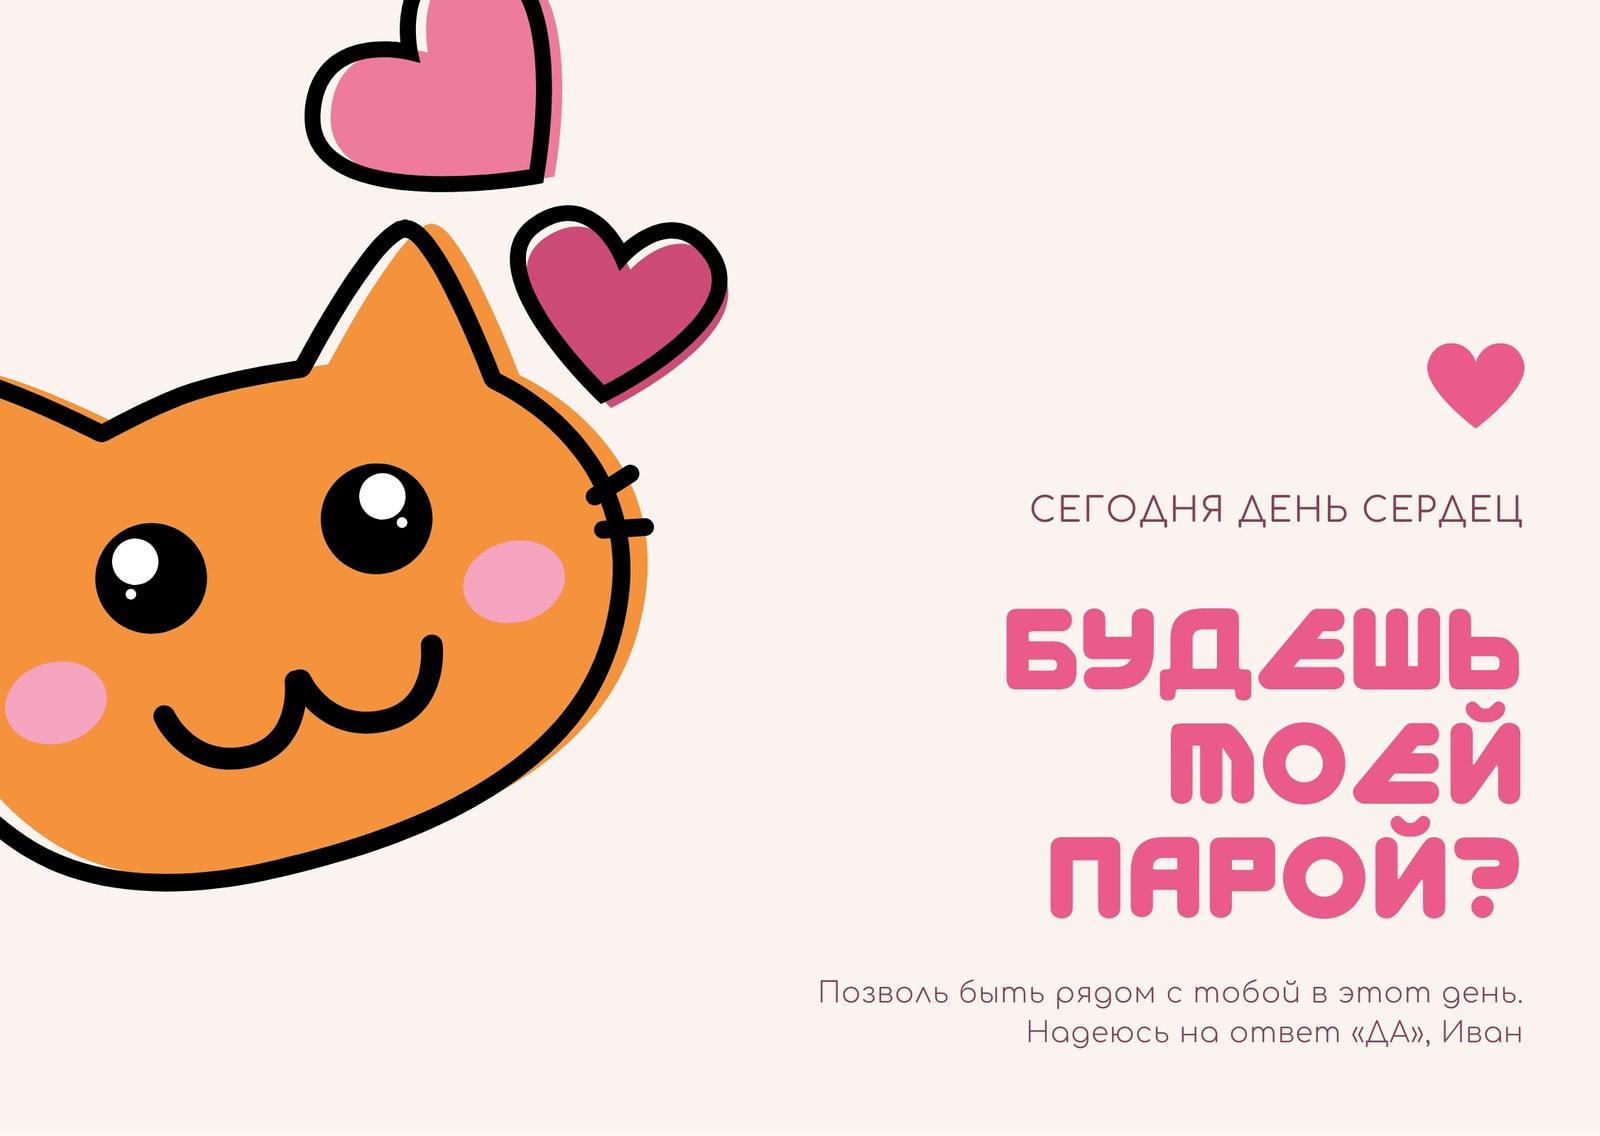 Кремовый и Кошка Сердце Векторы День Святого Валентина Открытка